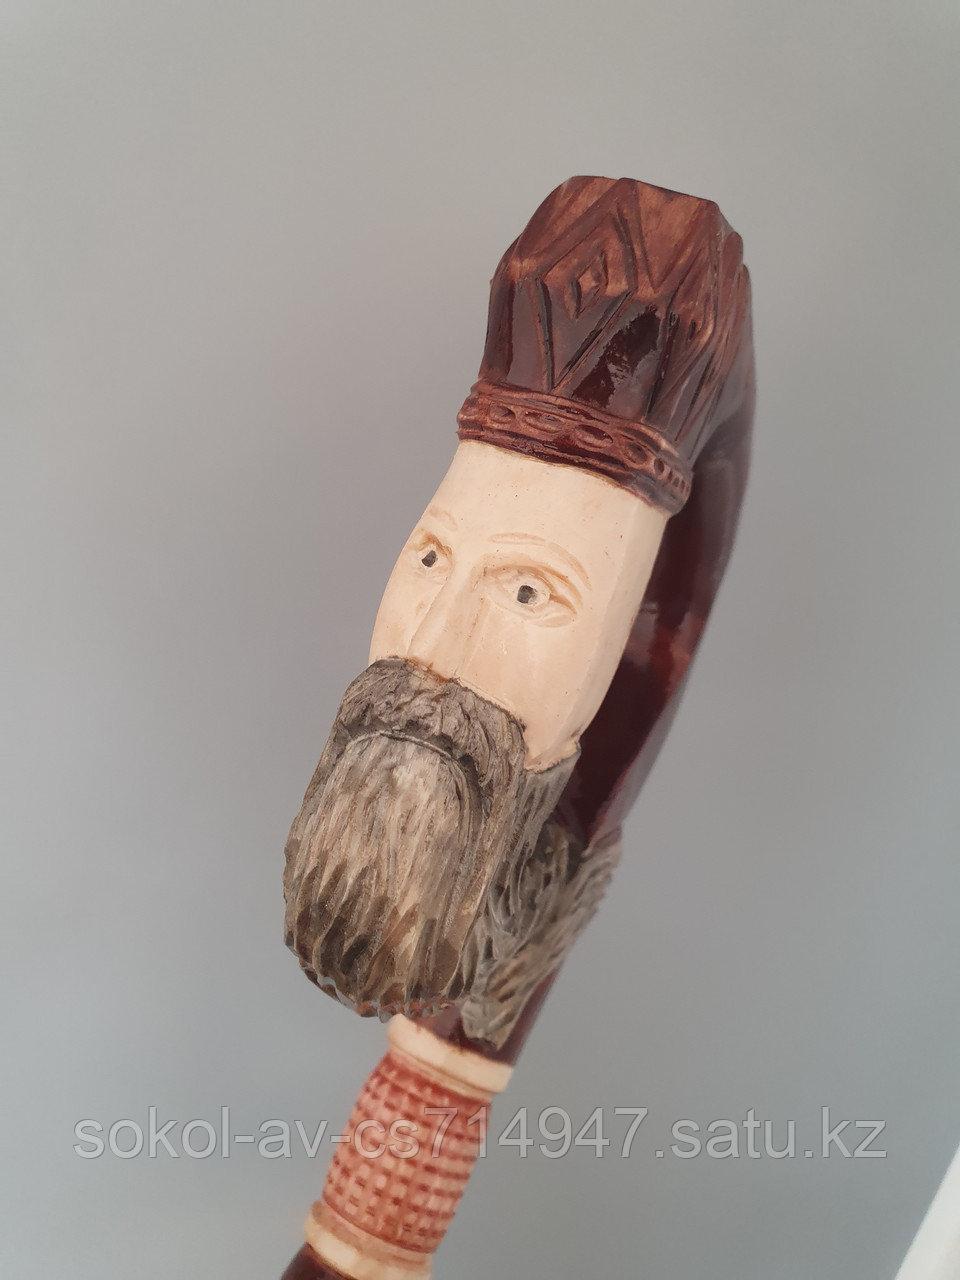 Трость ручной работы, резная, деревянная, для ходьбы, Нептун, подарок бабушке, дедушке, пожилым